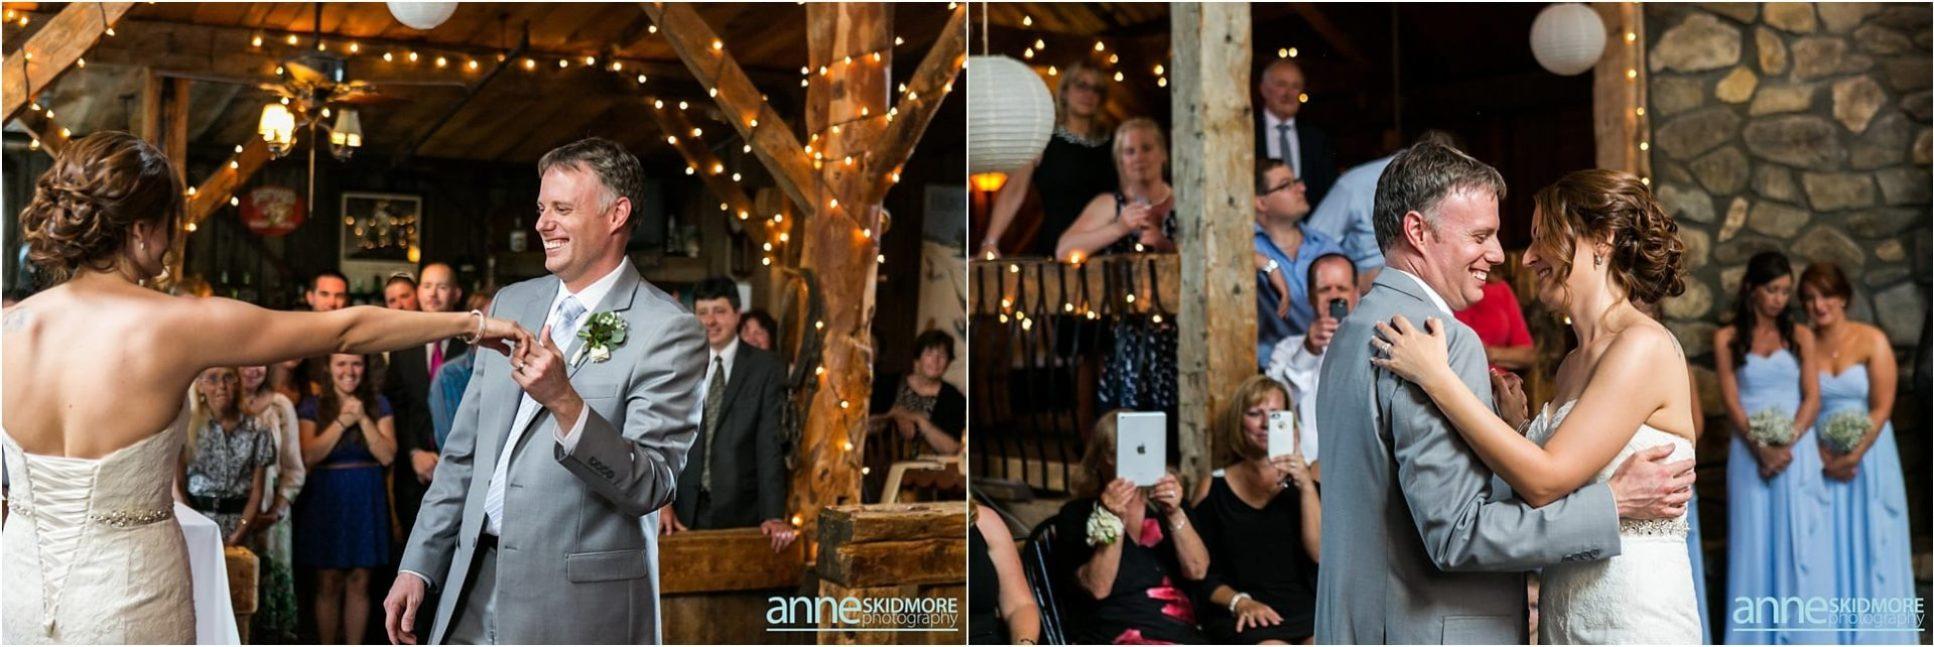 Whitneys_Inn_Wedding_0044